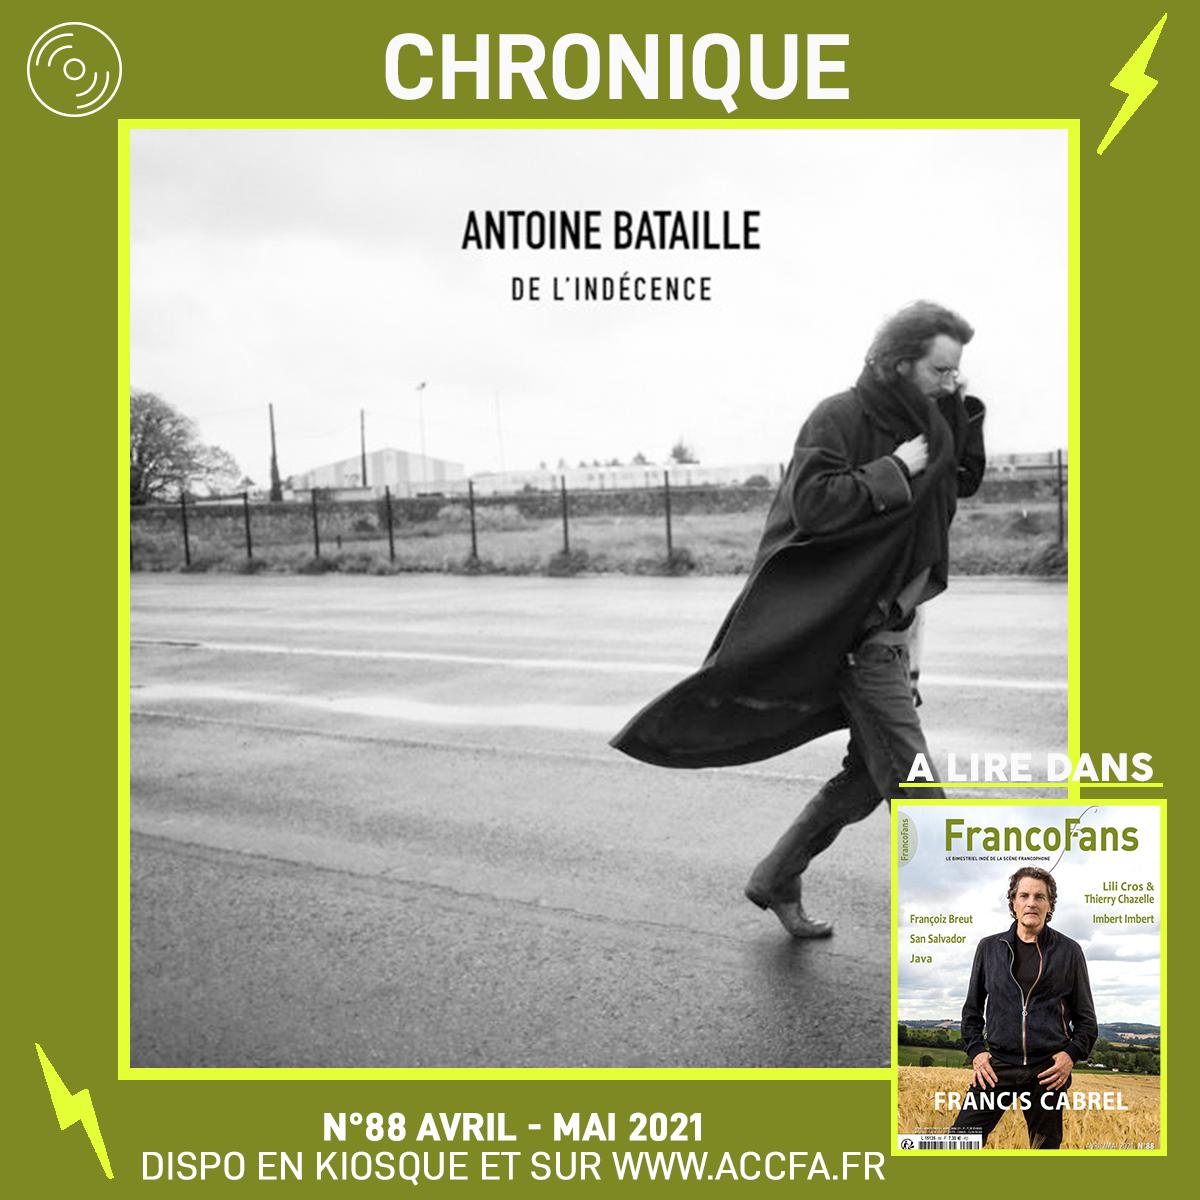 [Chronique] Antoine Bataille - De l'indécence